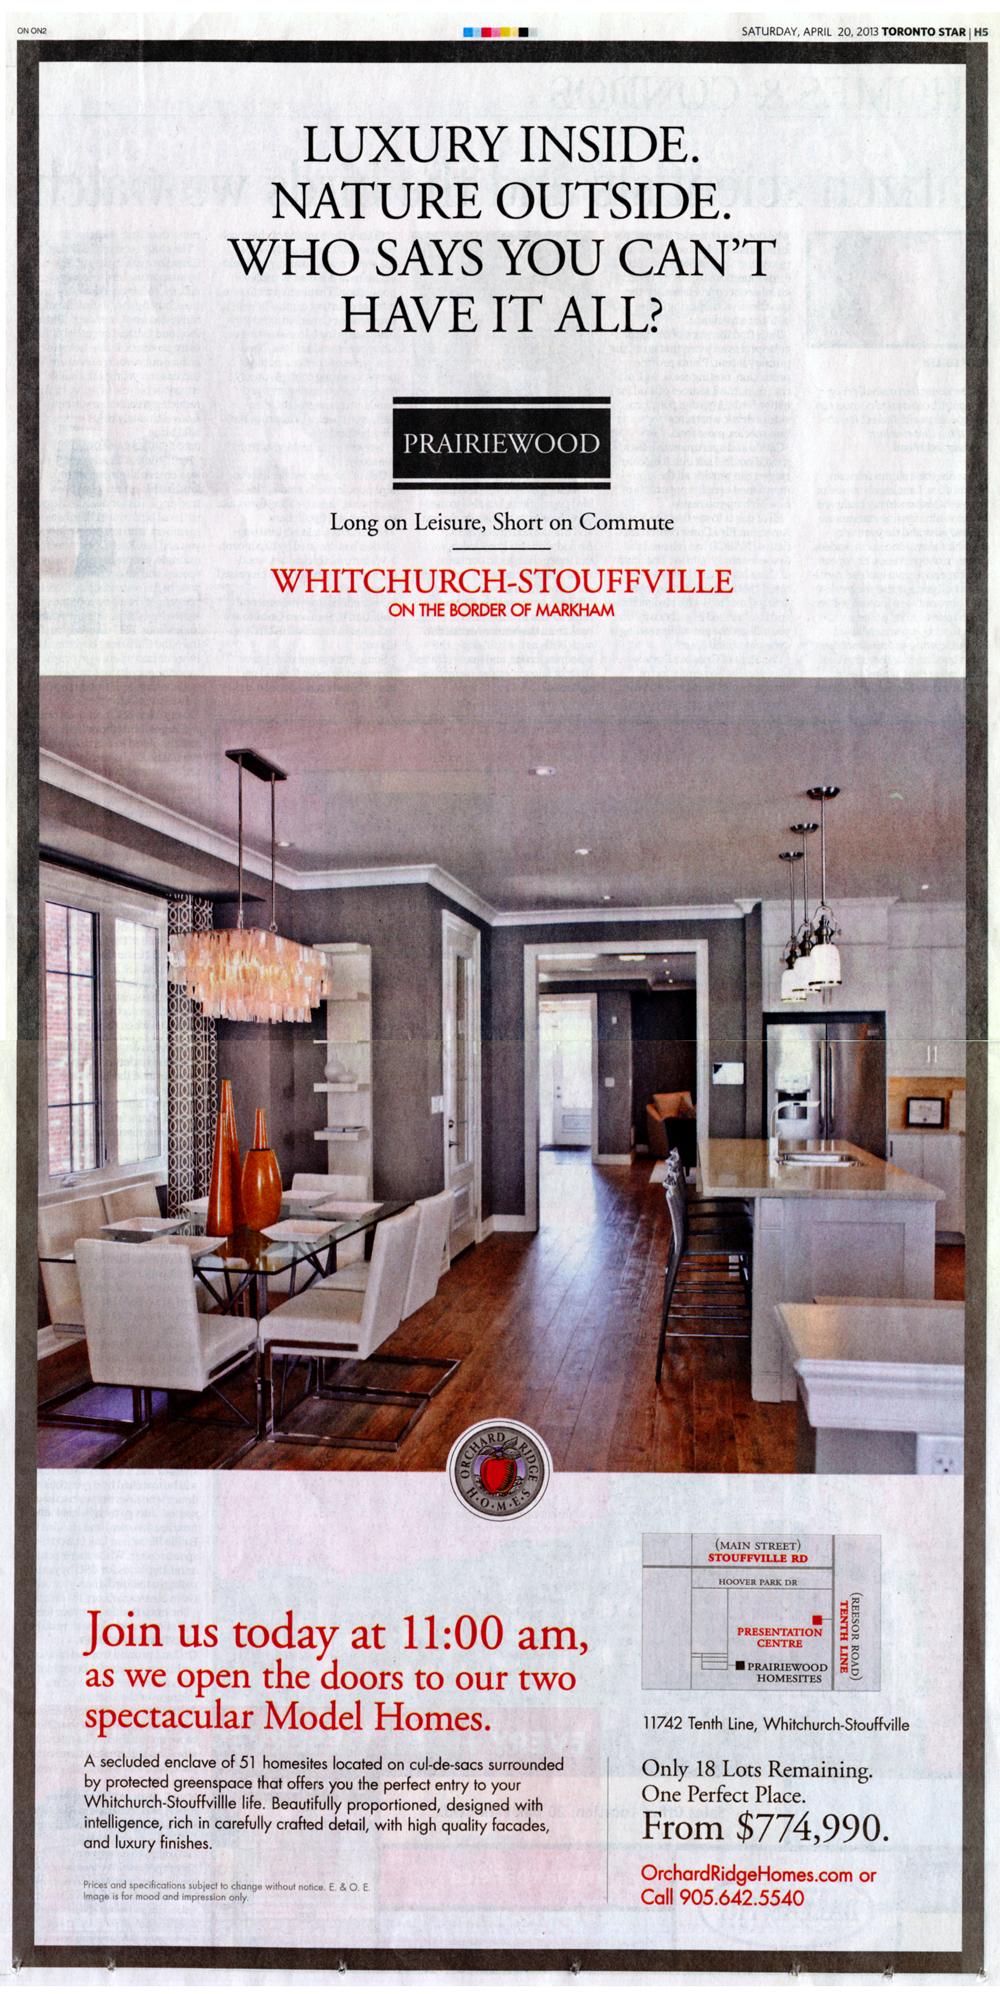 Interior Design And Decor Services